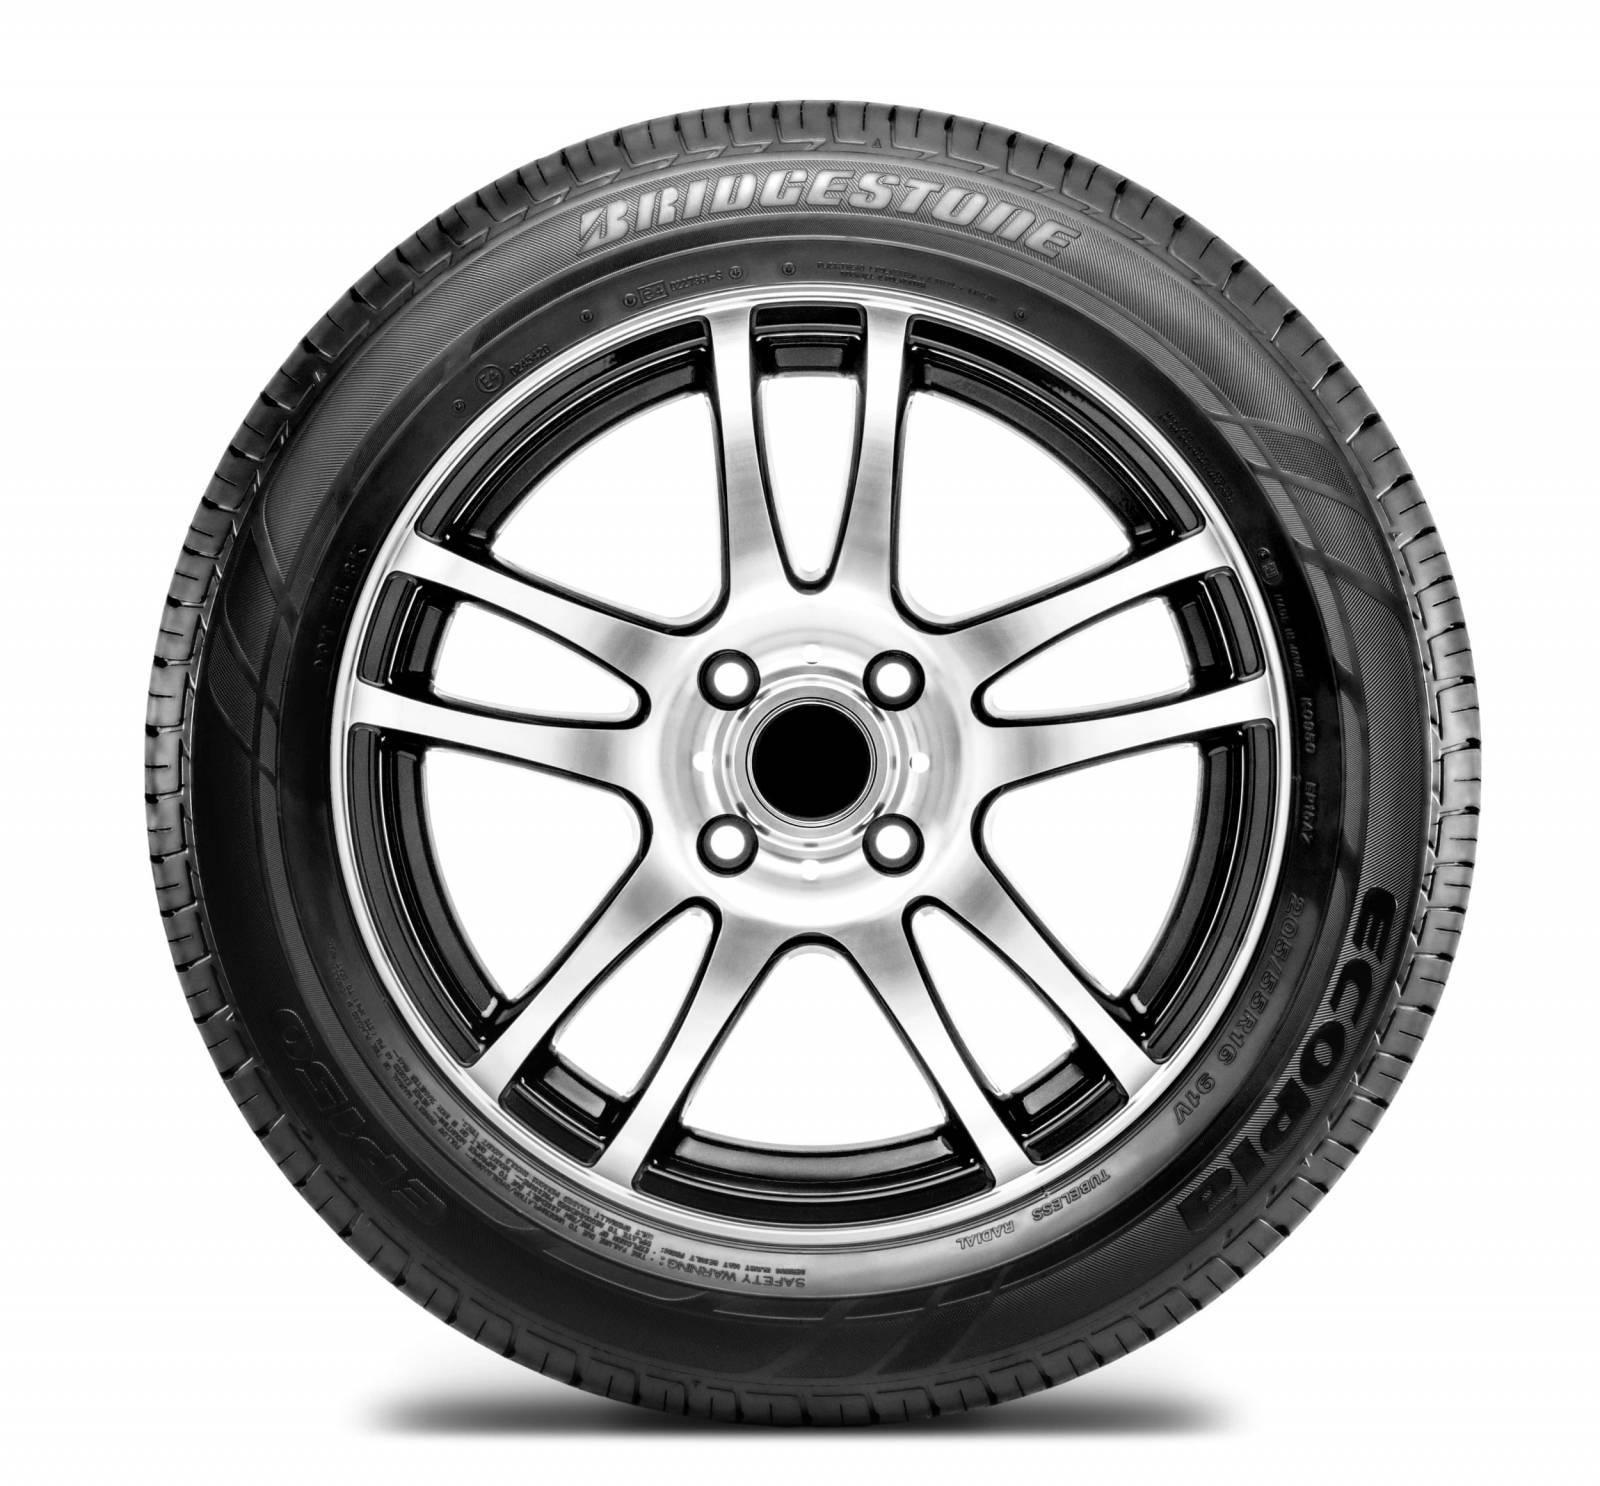 Pneu Bridgestone Ecopia EP150 195/55 R16 87V - Cantele Centro Automotivo